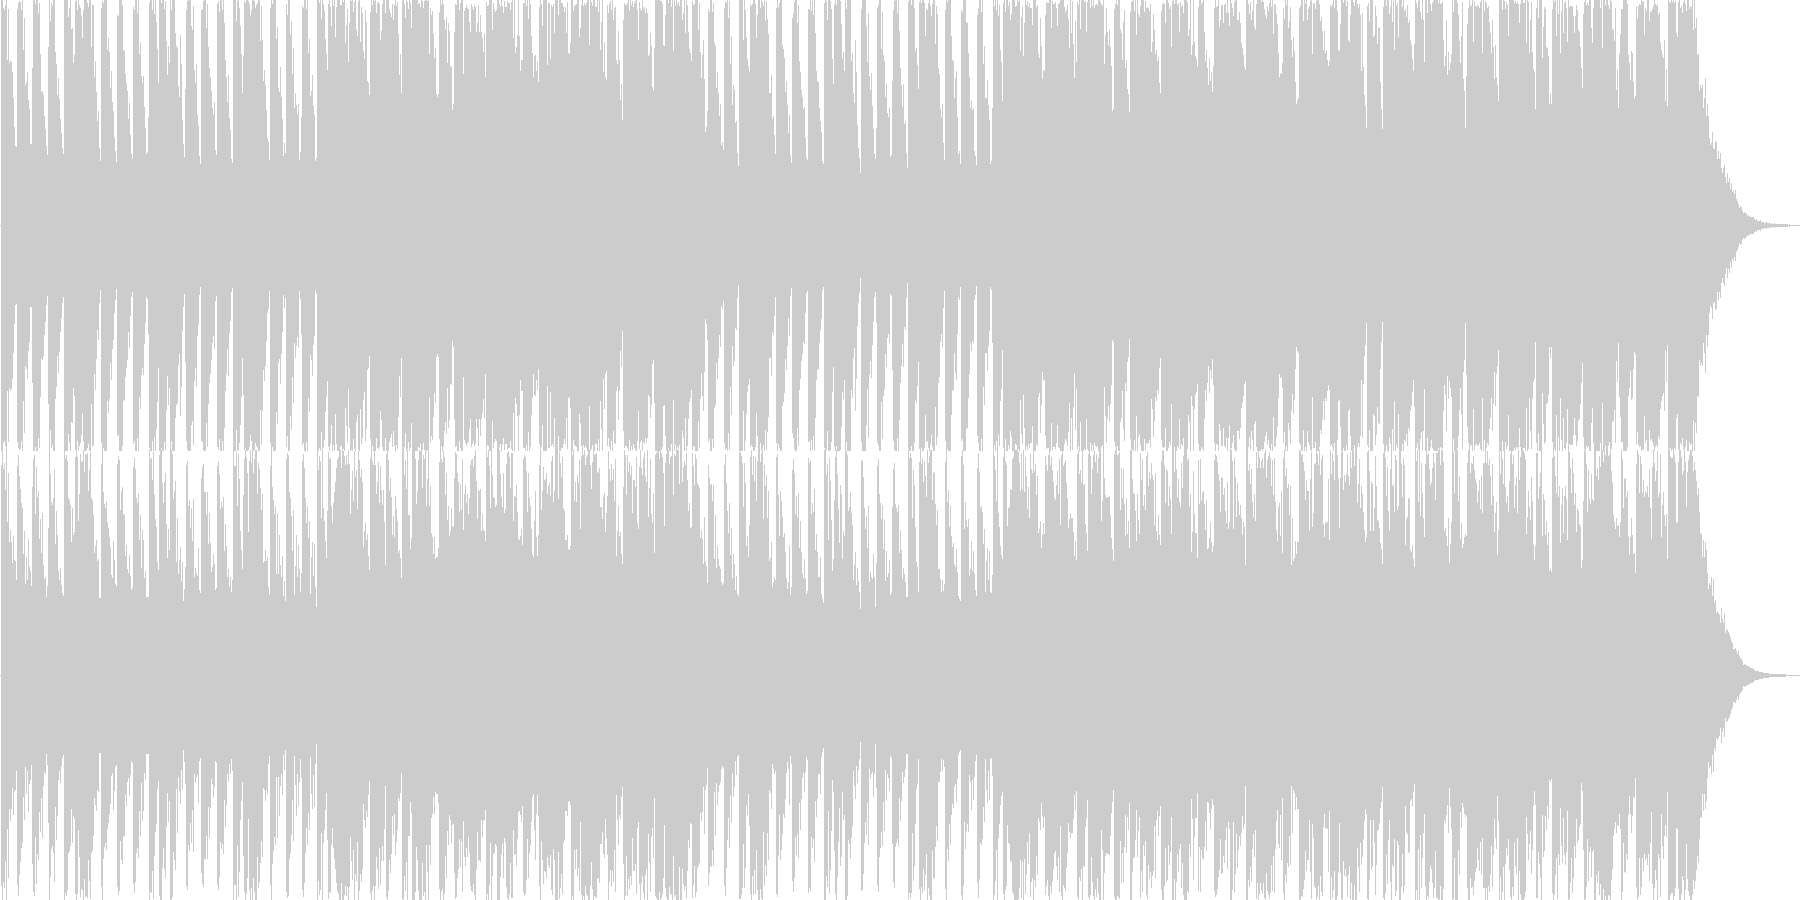 バトルシーン(オーケストラ風)の未再生の波形